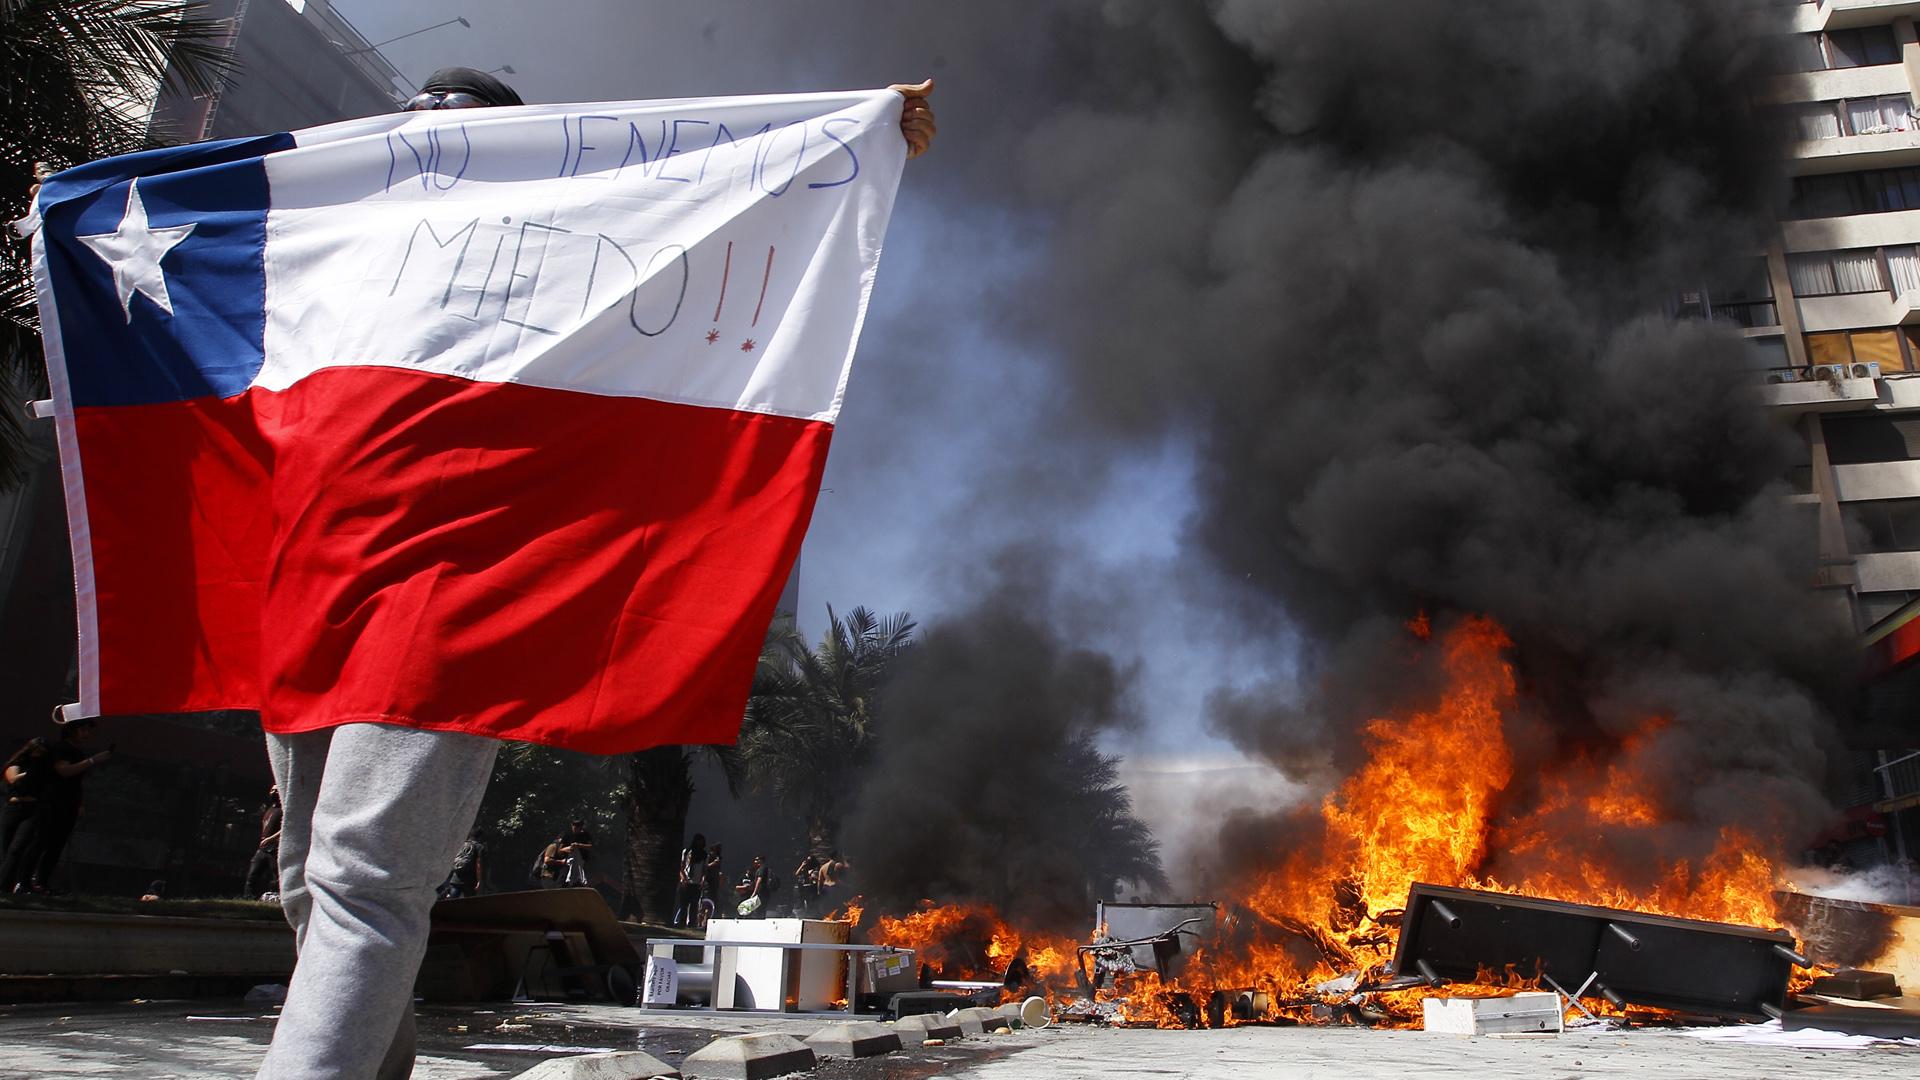 Una nueva jornada de violencia estremece a Chile